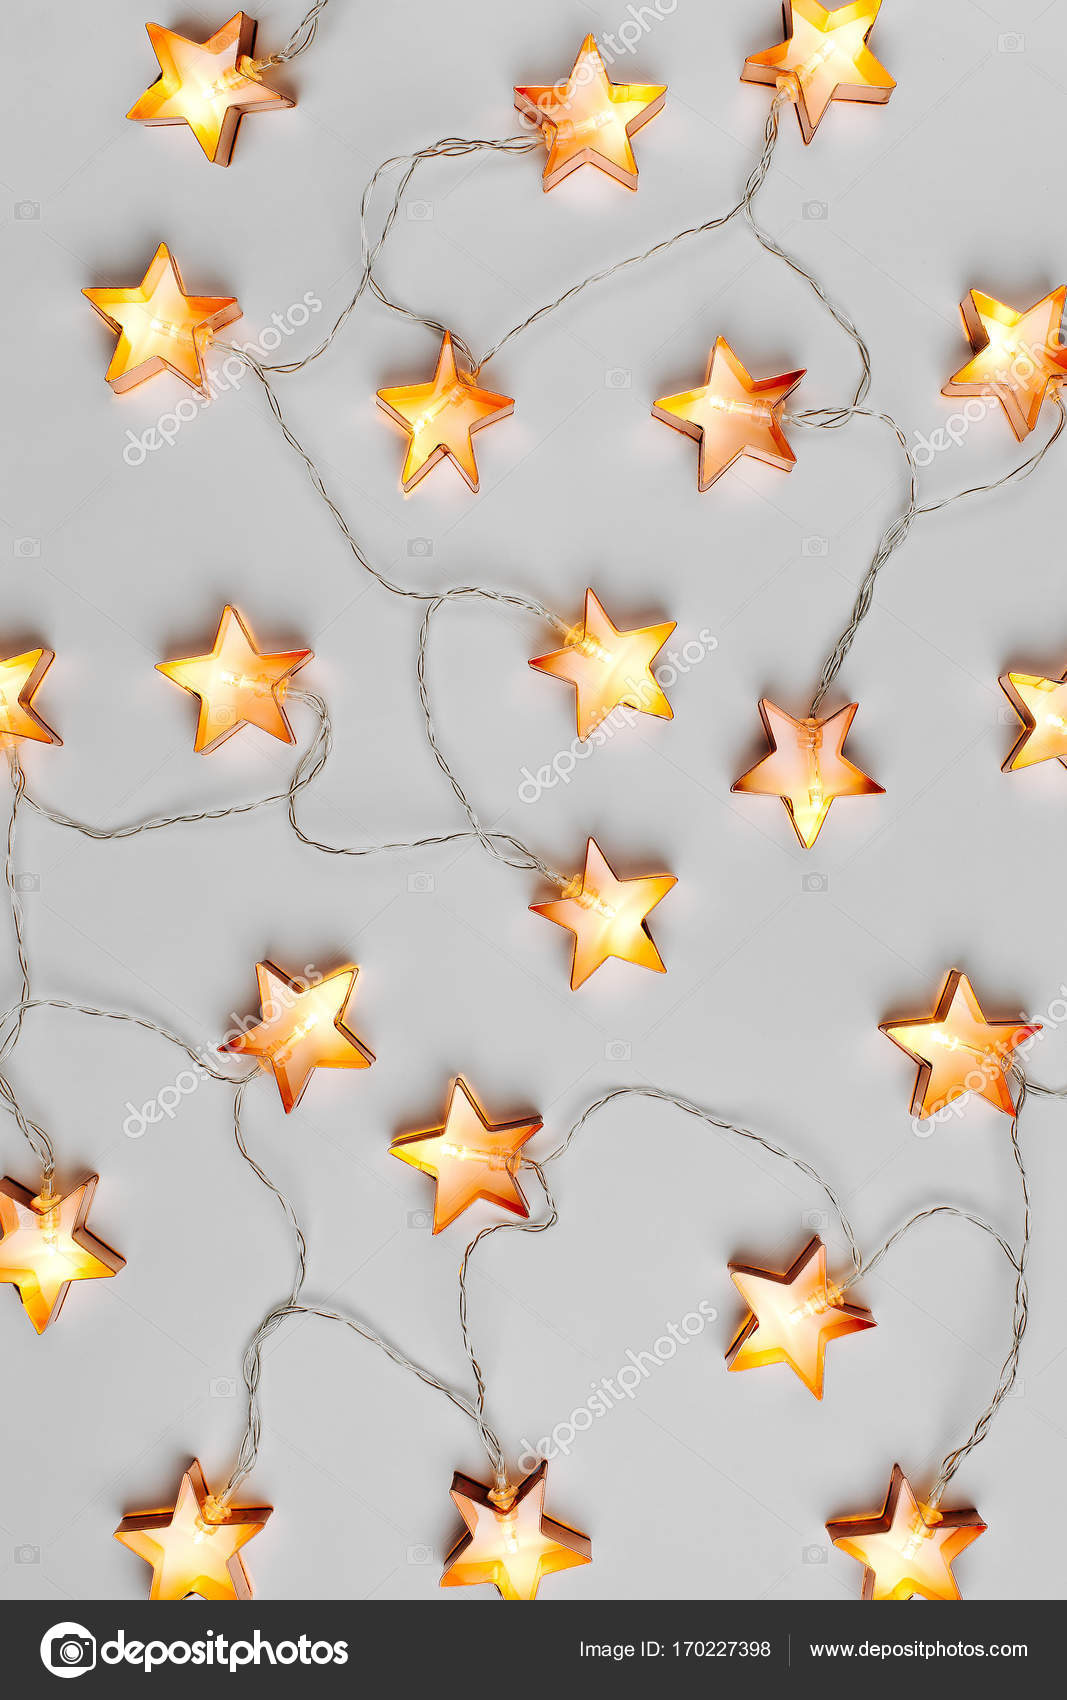 Ster verlichting decoratie — Stockfoto © Igishevamaria #170227398